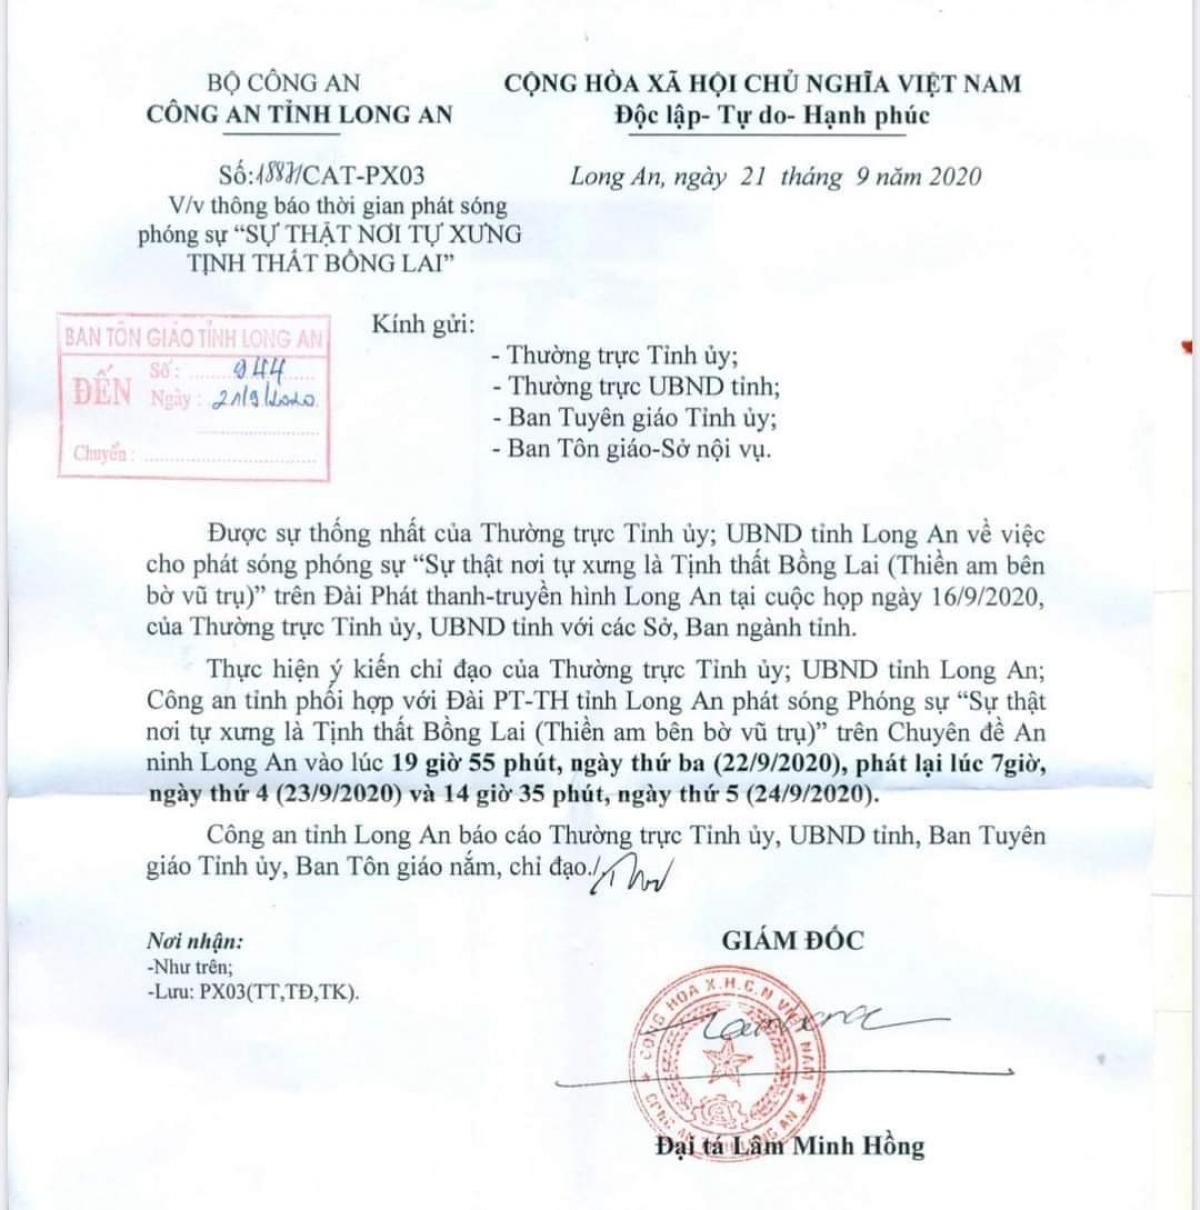 """Công an tỉnh Long An thông báo phát sóng phóng sự nhan đề """"Sự thật nơi tự xưng """"Tịnh thất Bồng Lai"""" vào tối 22/9/2020 trên Đài Truyền hình tỉnh"""